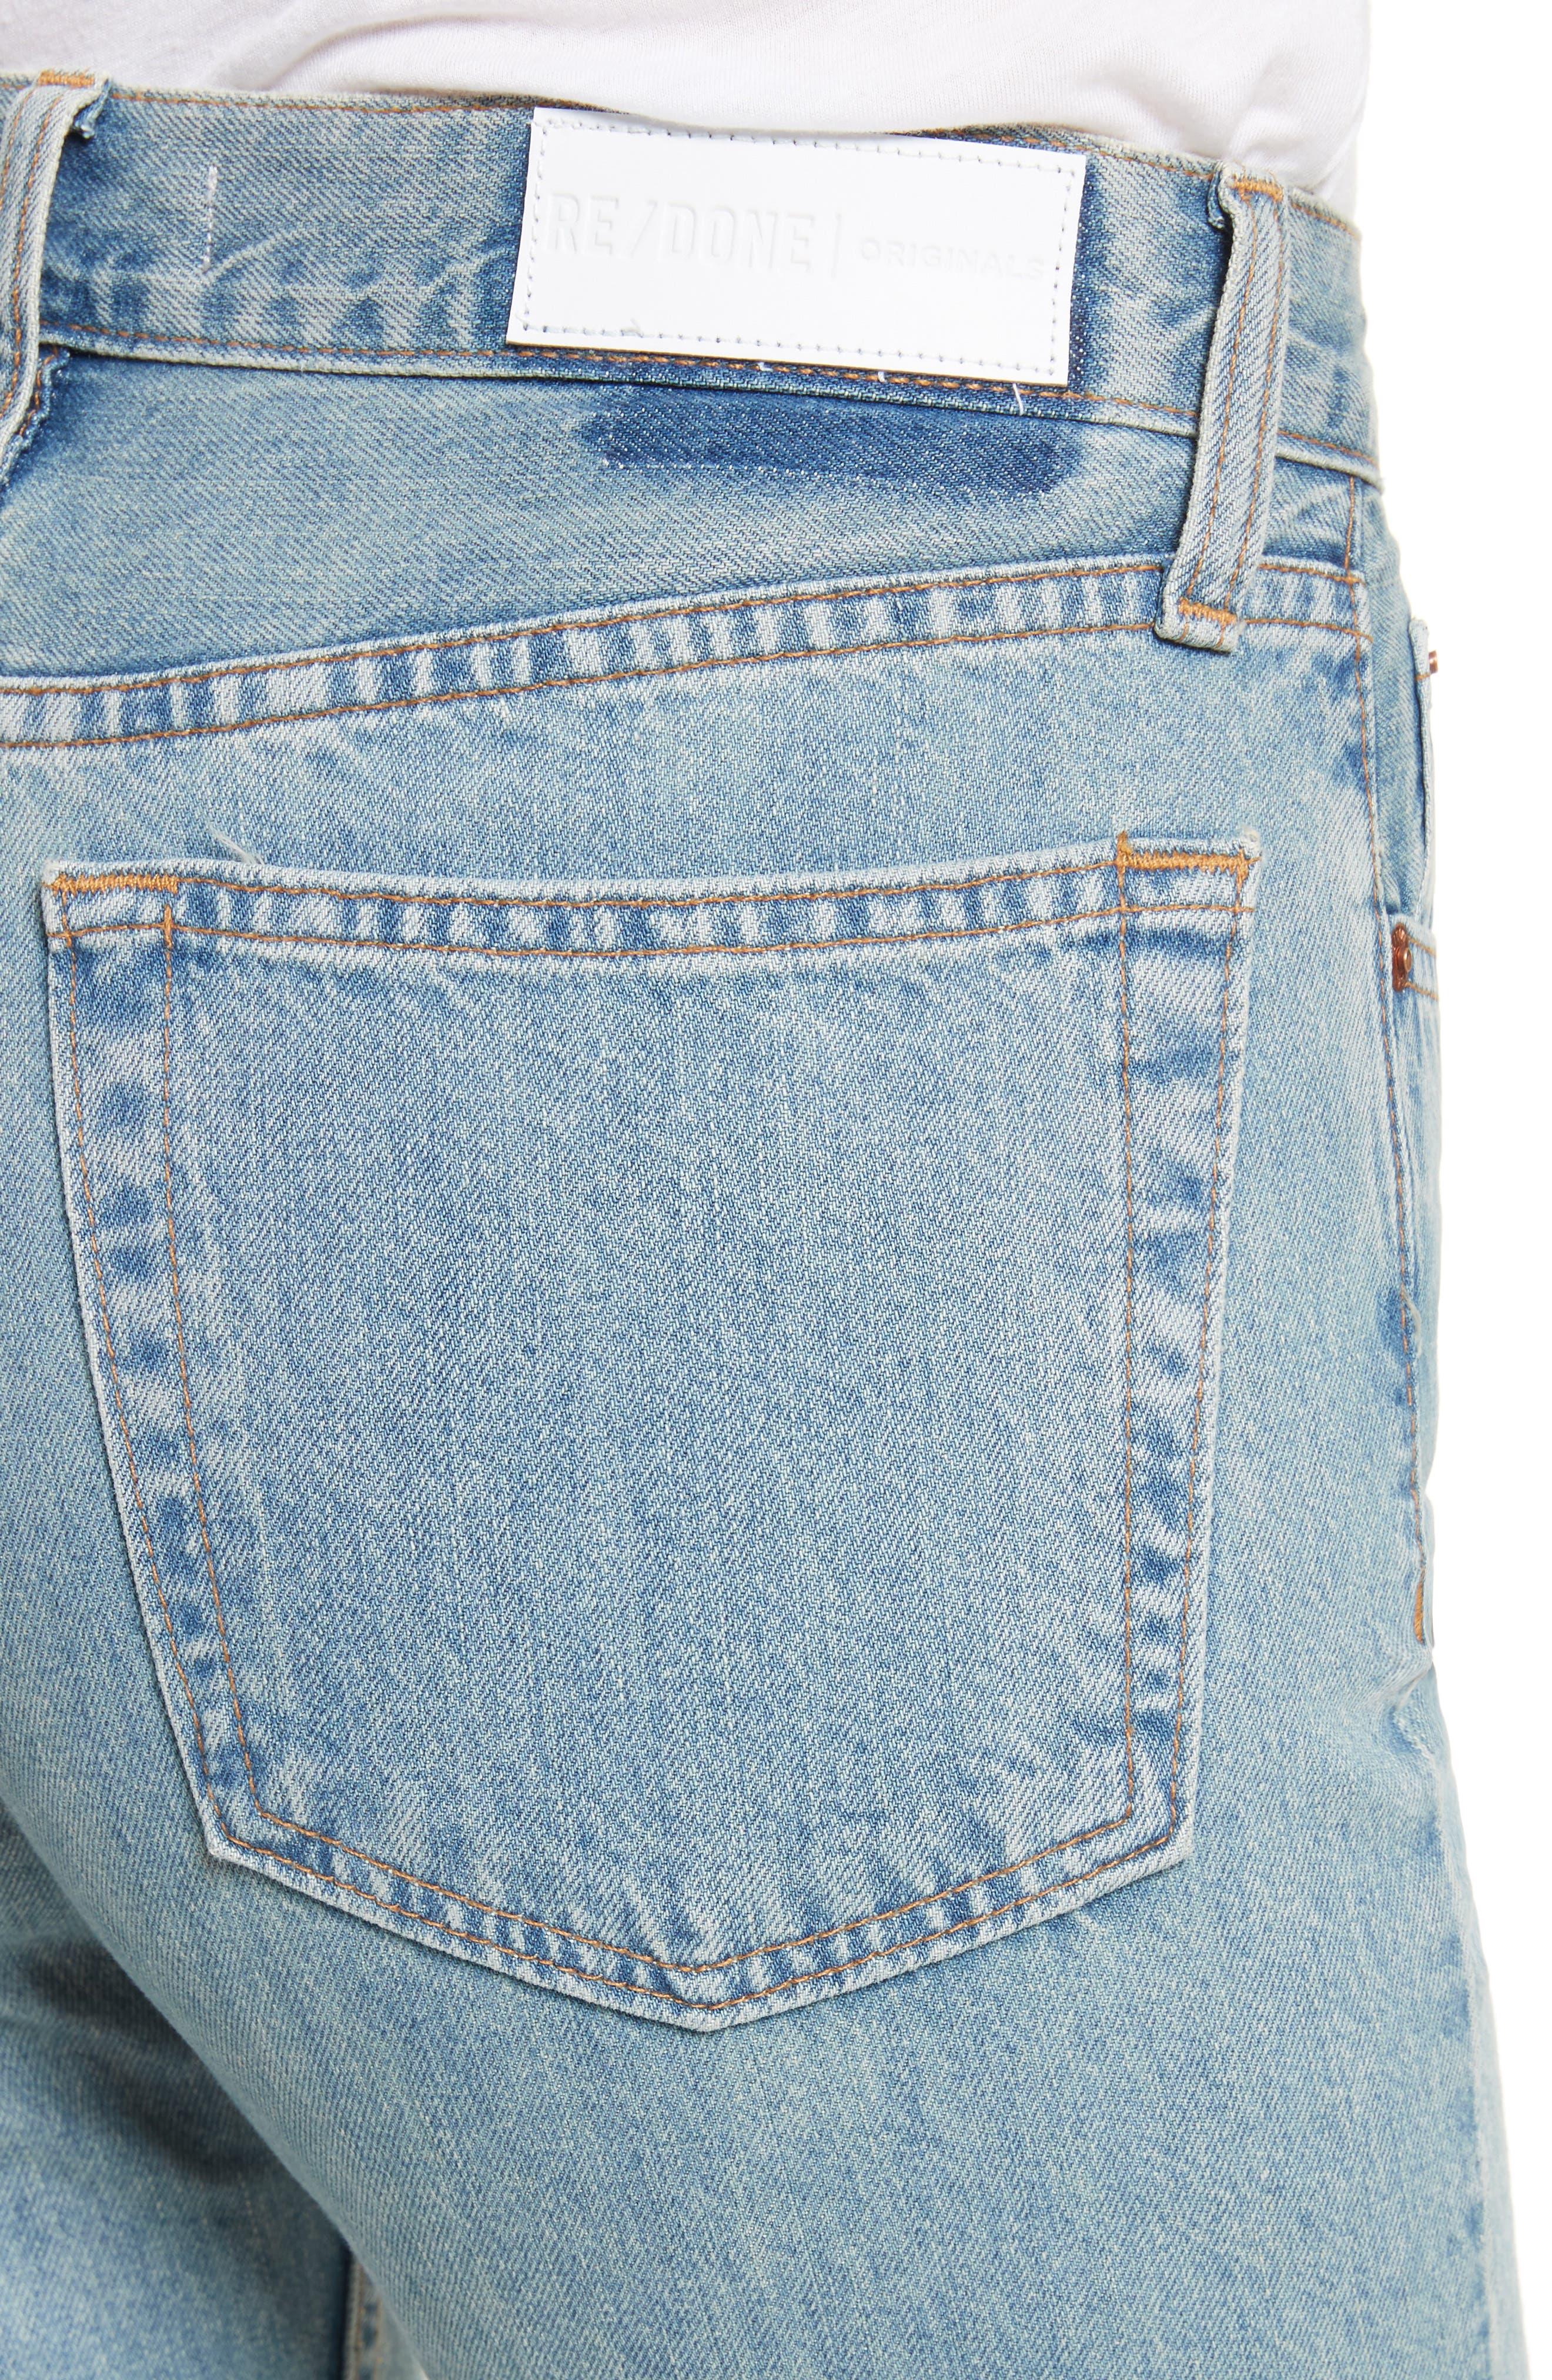 Originals High Waist Ankle Zip Jeans,                             Alternate thumbnail 4, color,                             90S